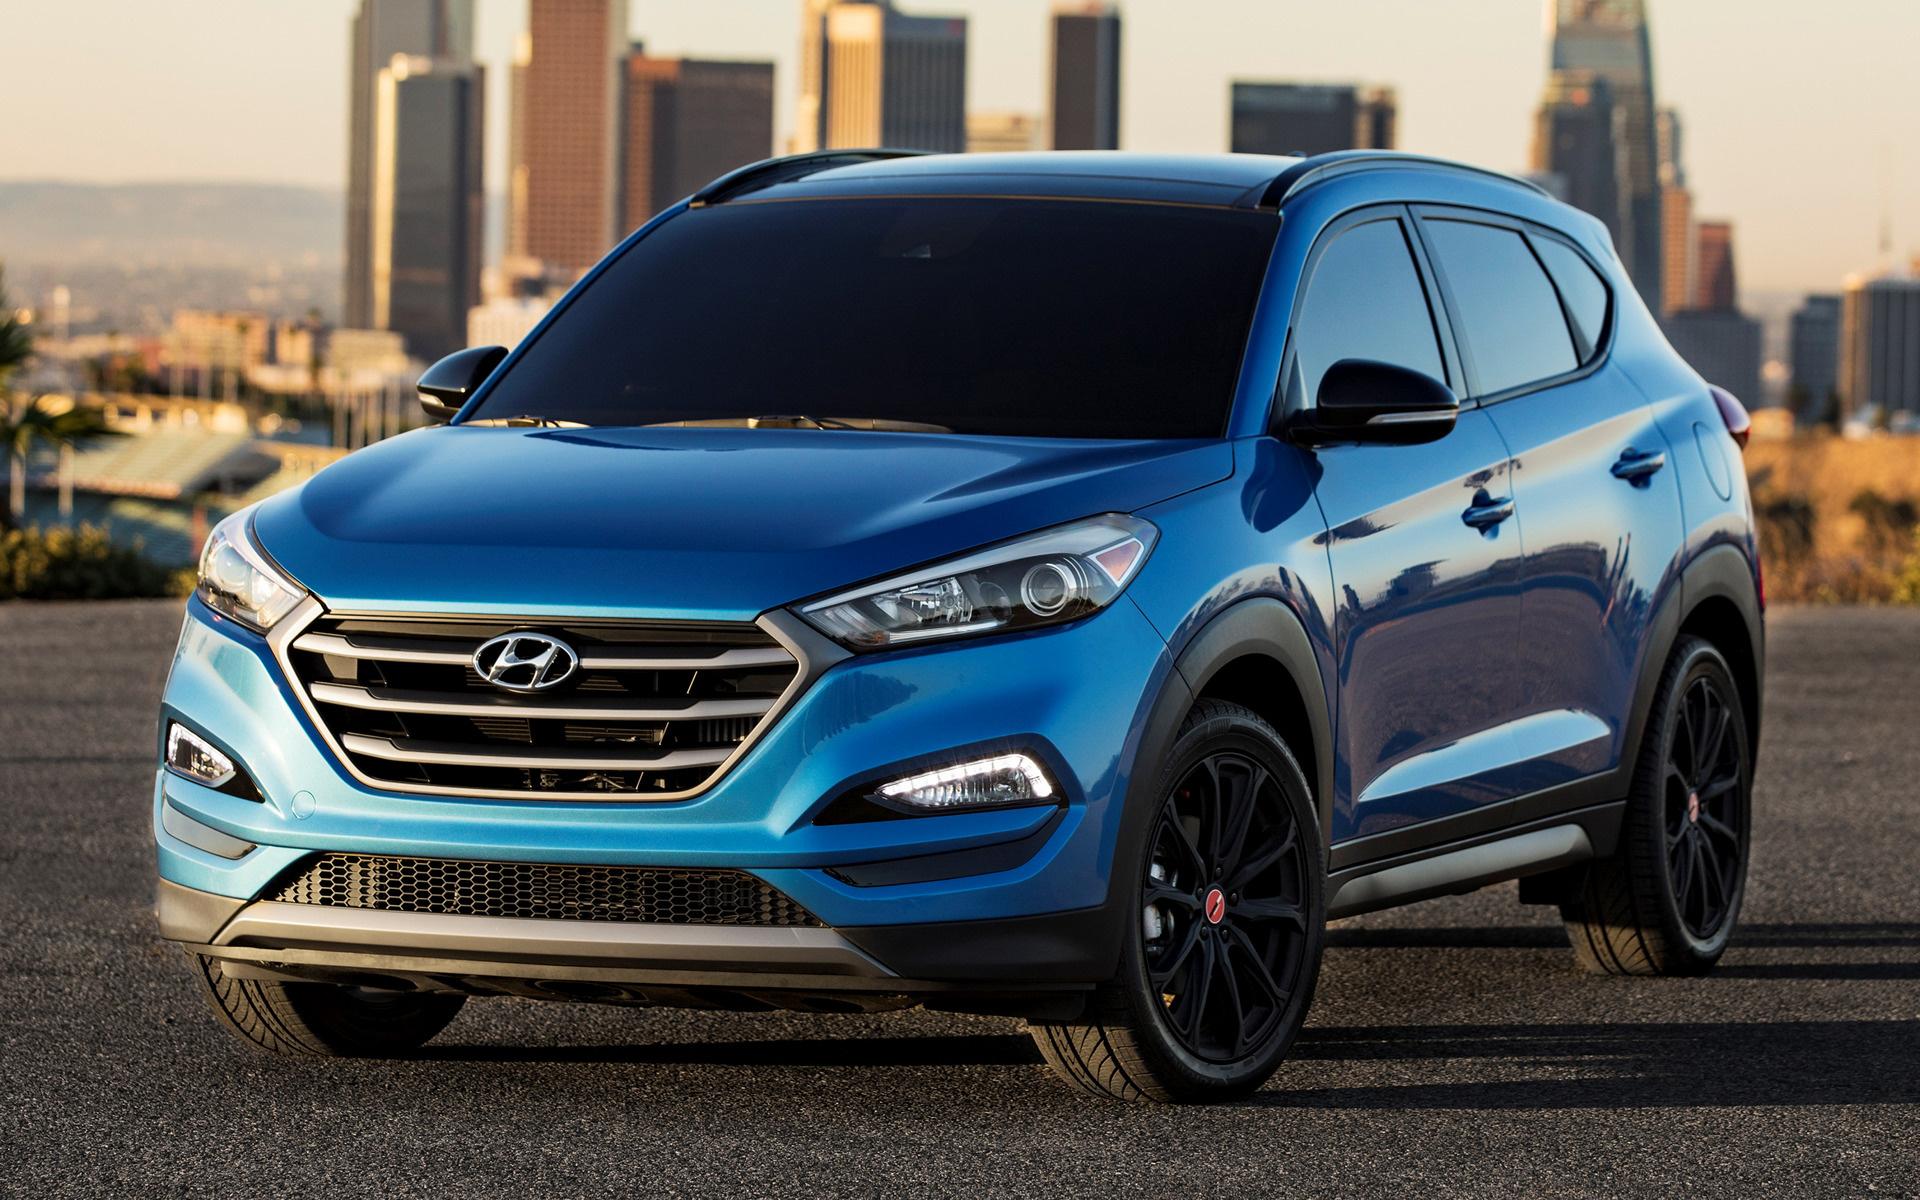 Hyundai Tucson มือสอง (ฮุนได ทูซอน มือสอง)